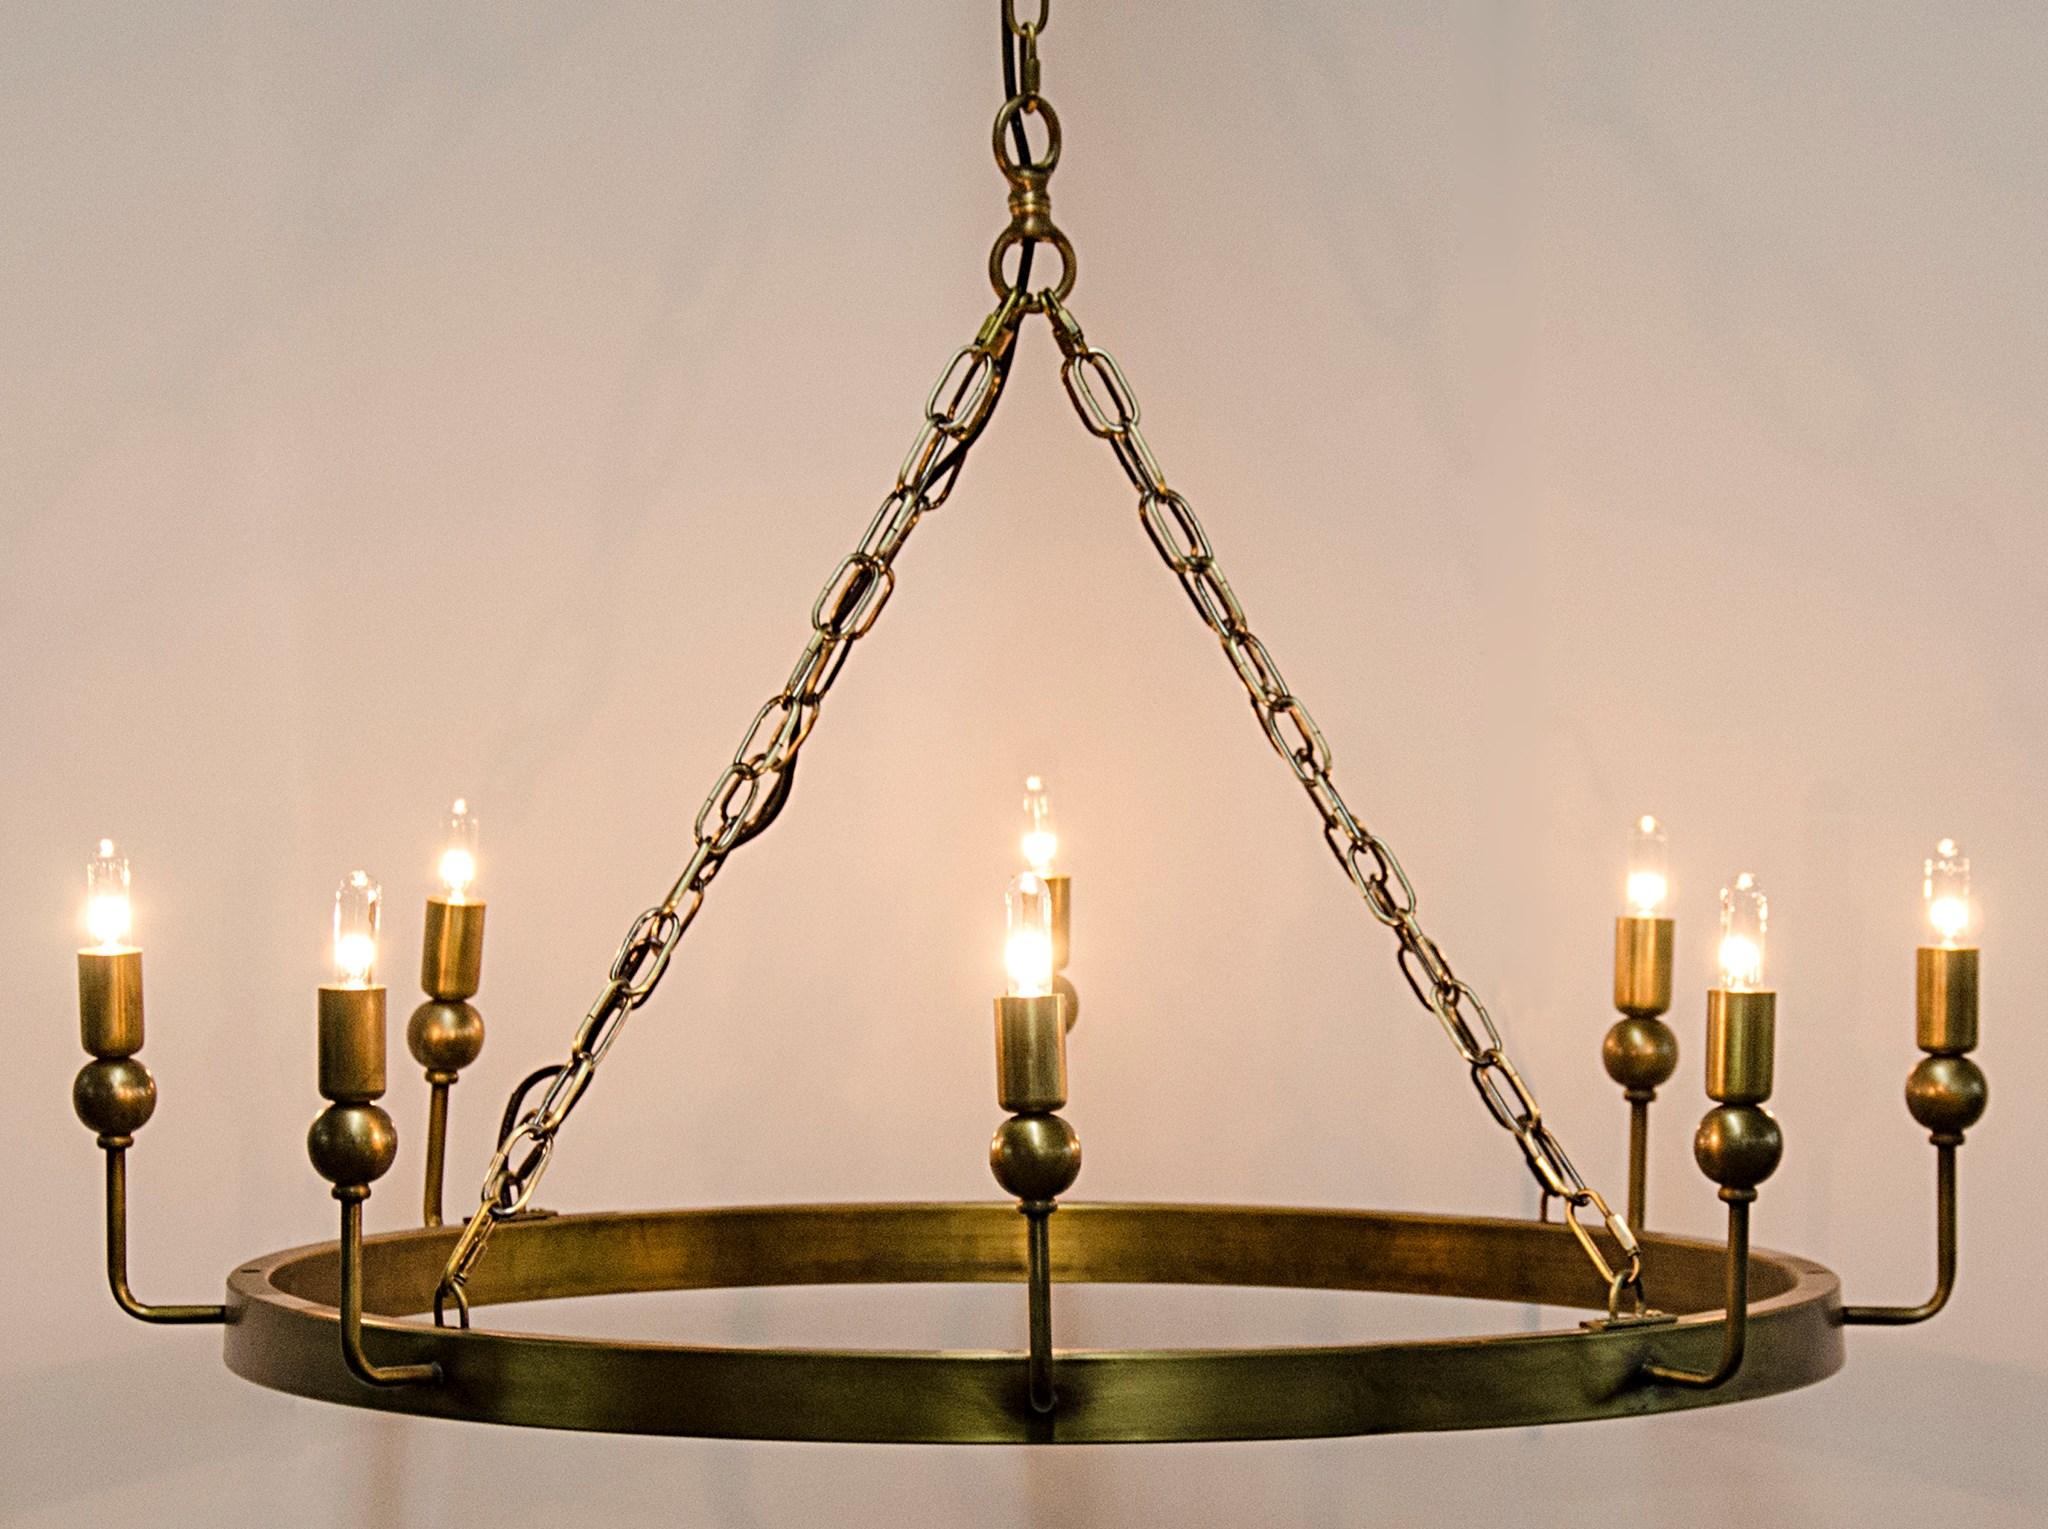 Blinder Chandelier chandeliers